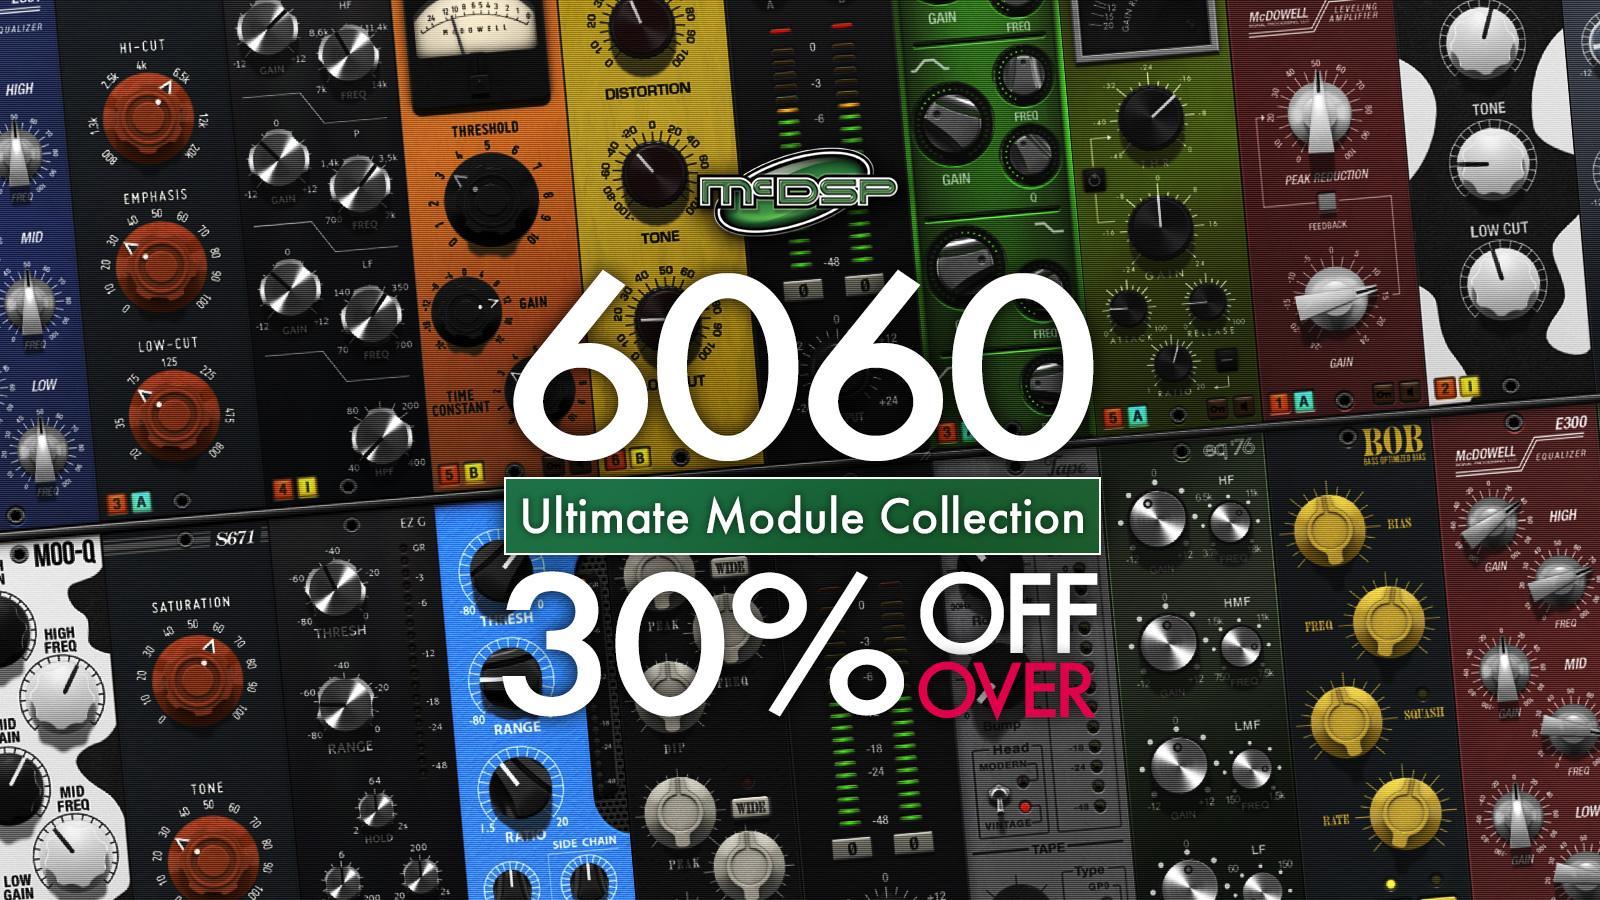 究極のプラグイン・モジュールMcDSP 6060 Ultimate Module Collectionが、いまなら30%超OFF!